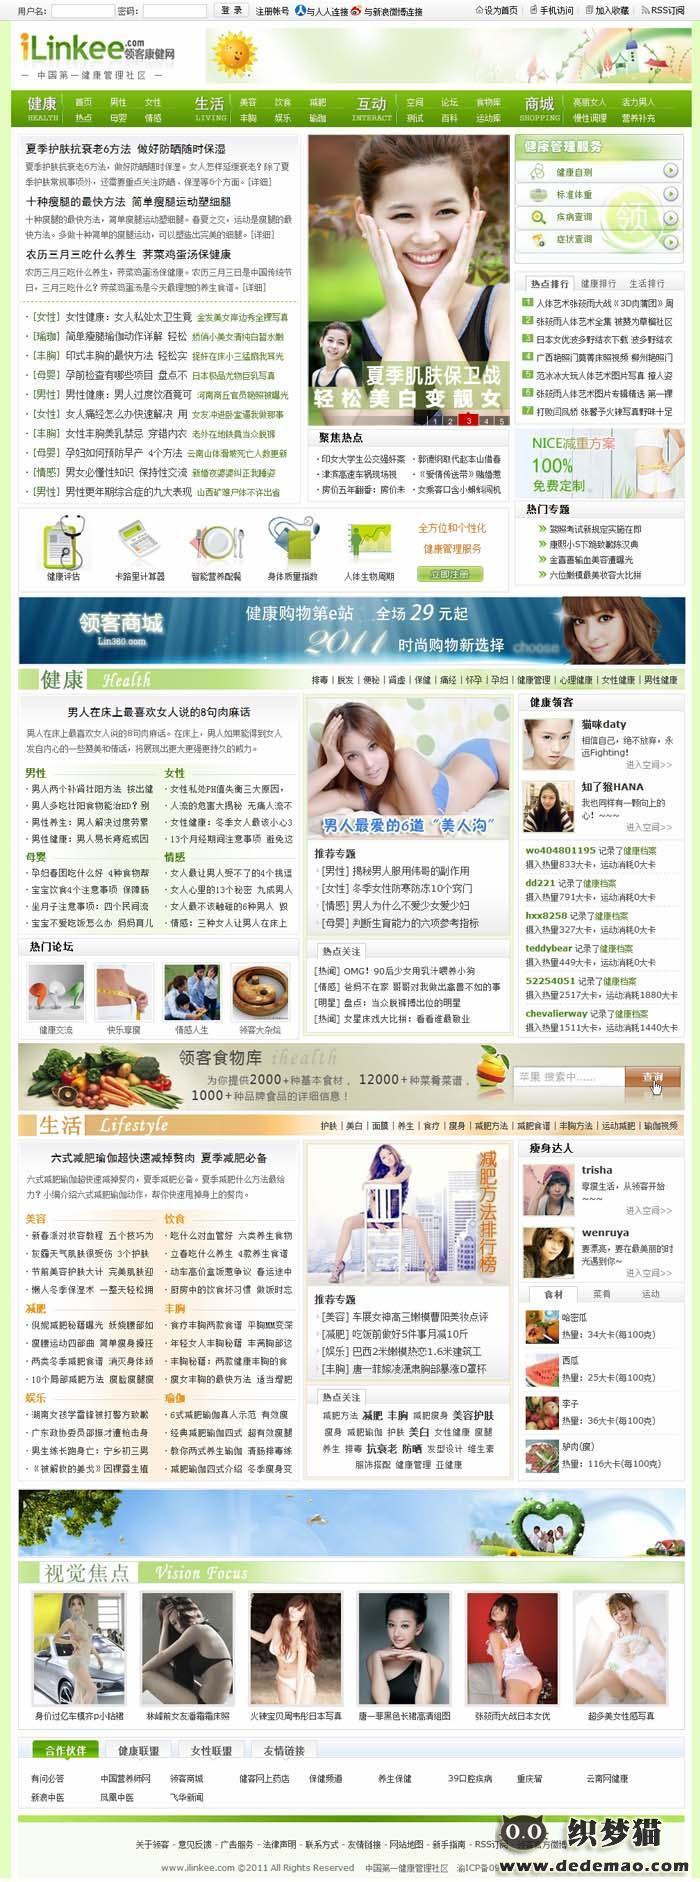 【织梦模板】仿ilinkee女性健康网织梦模板